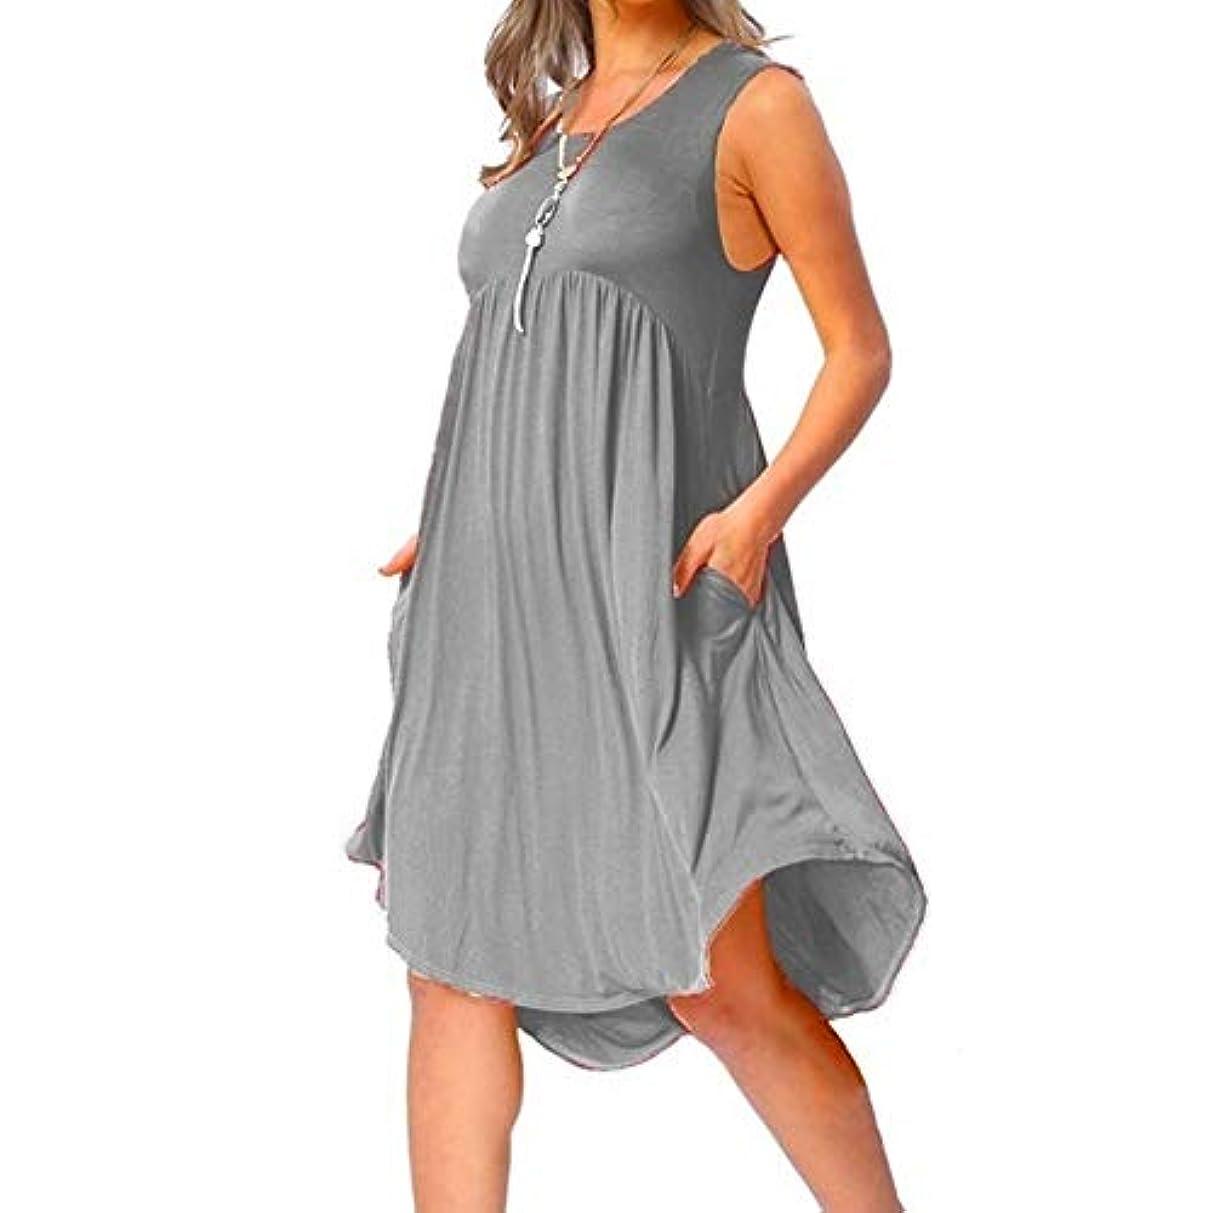 致死自信がある間に合わせMIFAN の女性のドレスカジュアルな不規則なドレスルースサマービーチTシャツドレス